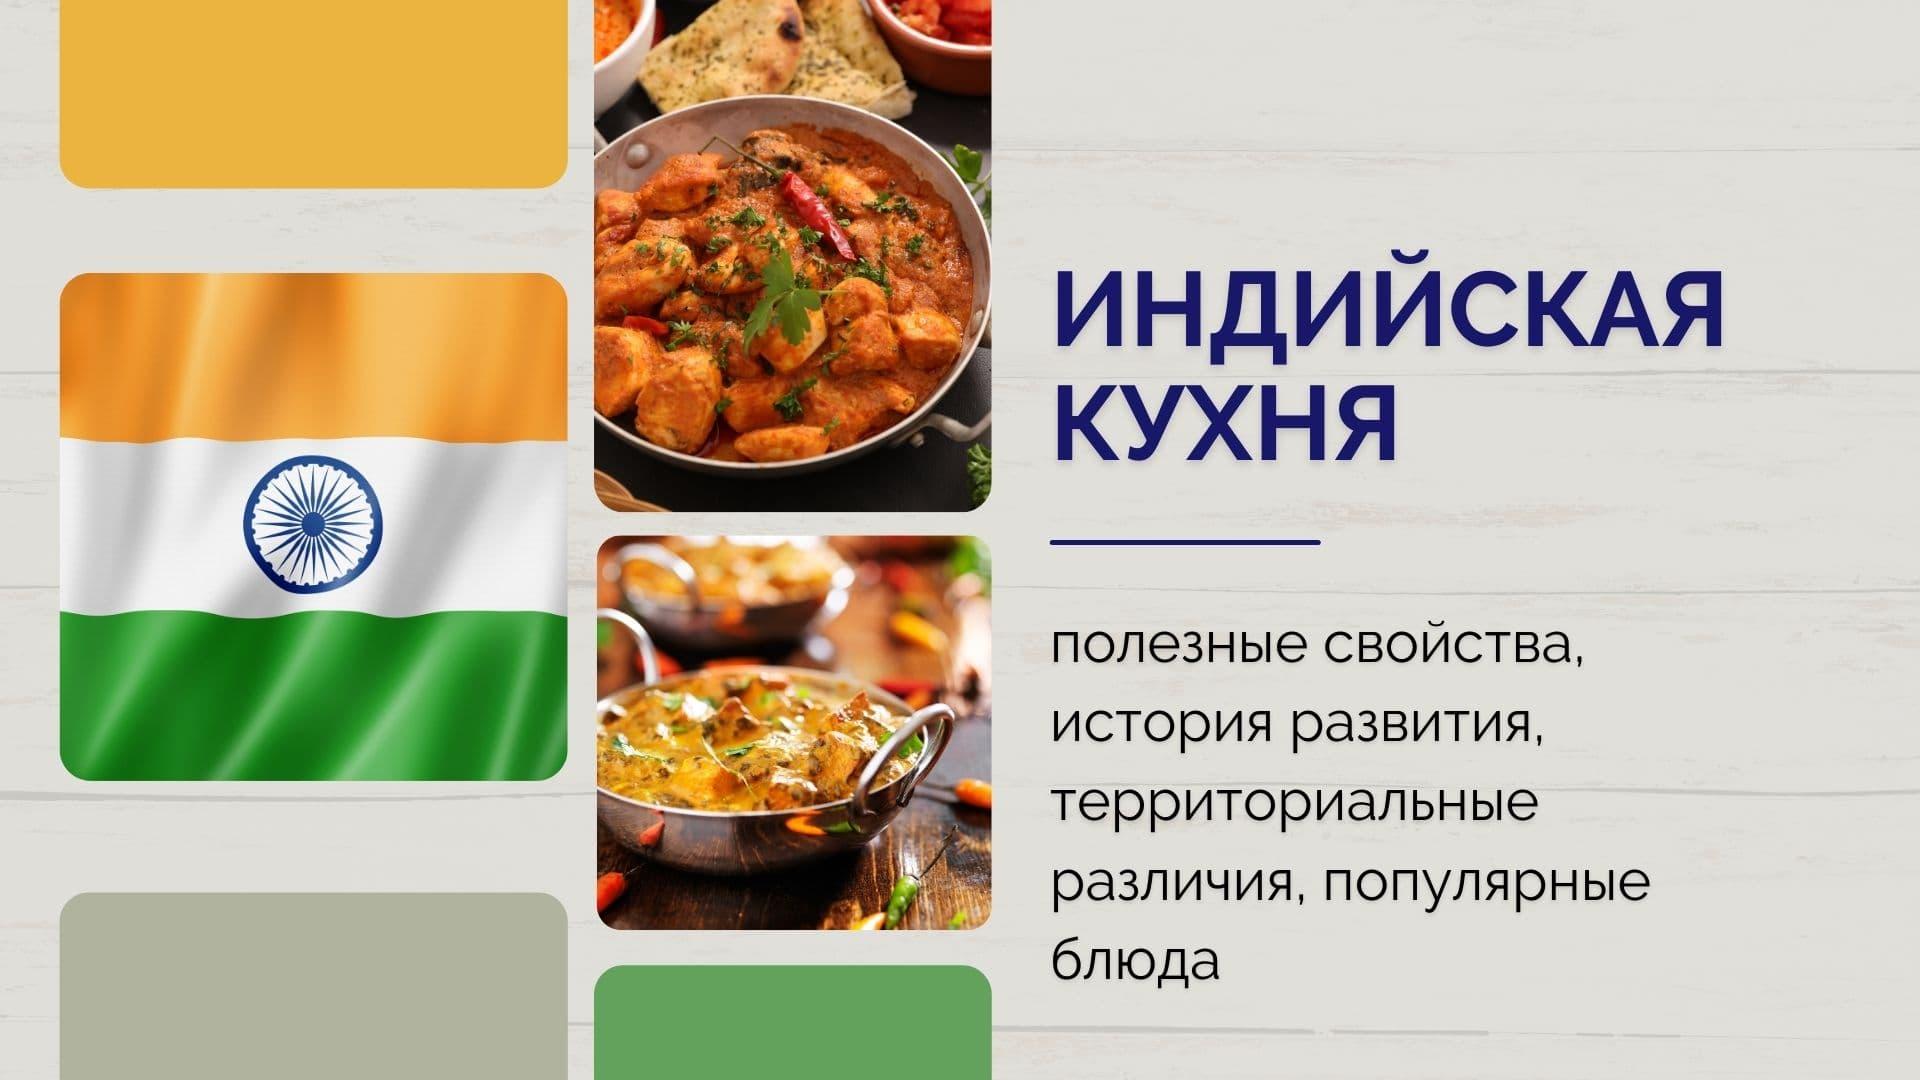 Индийская кухня: полезные свойства, история развития, территориальные различия, популярные блюда